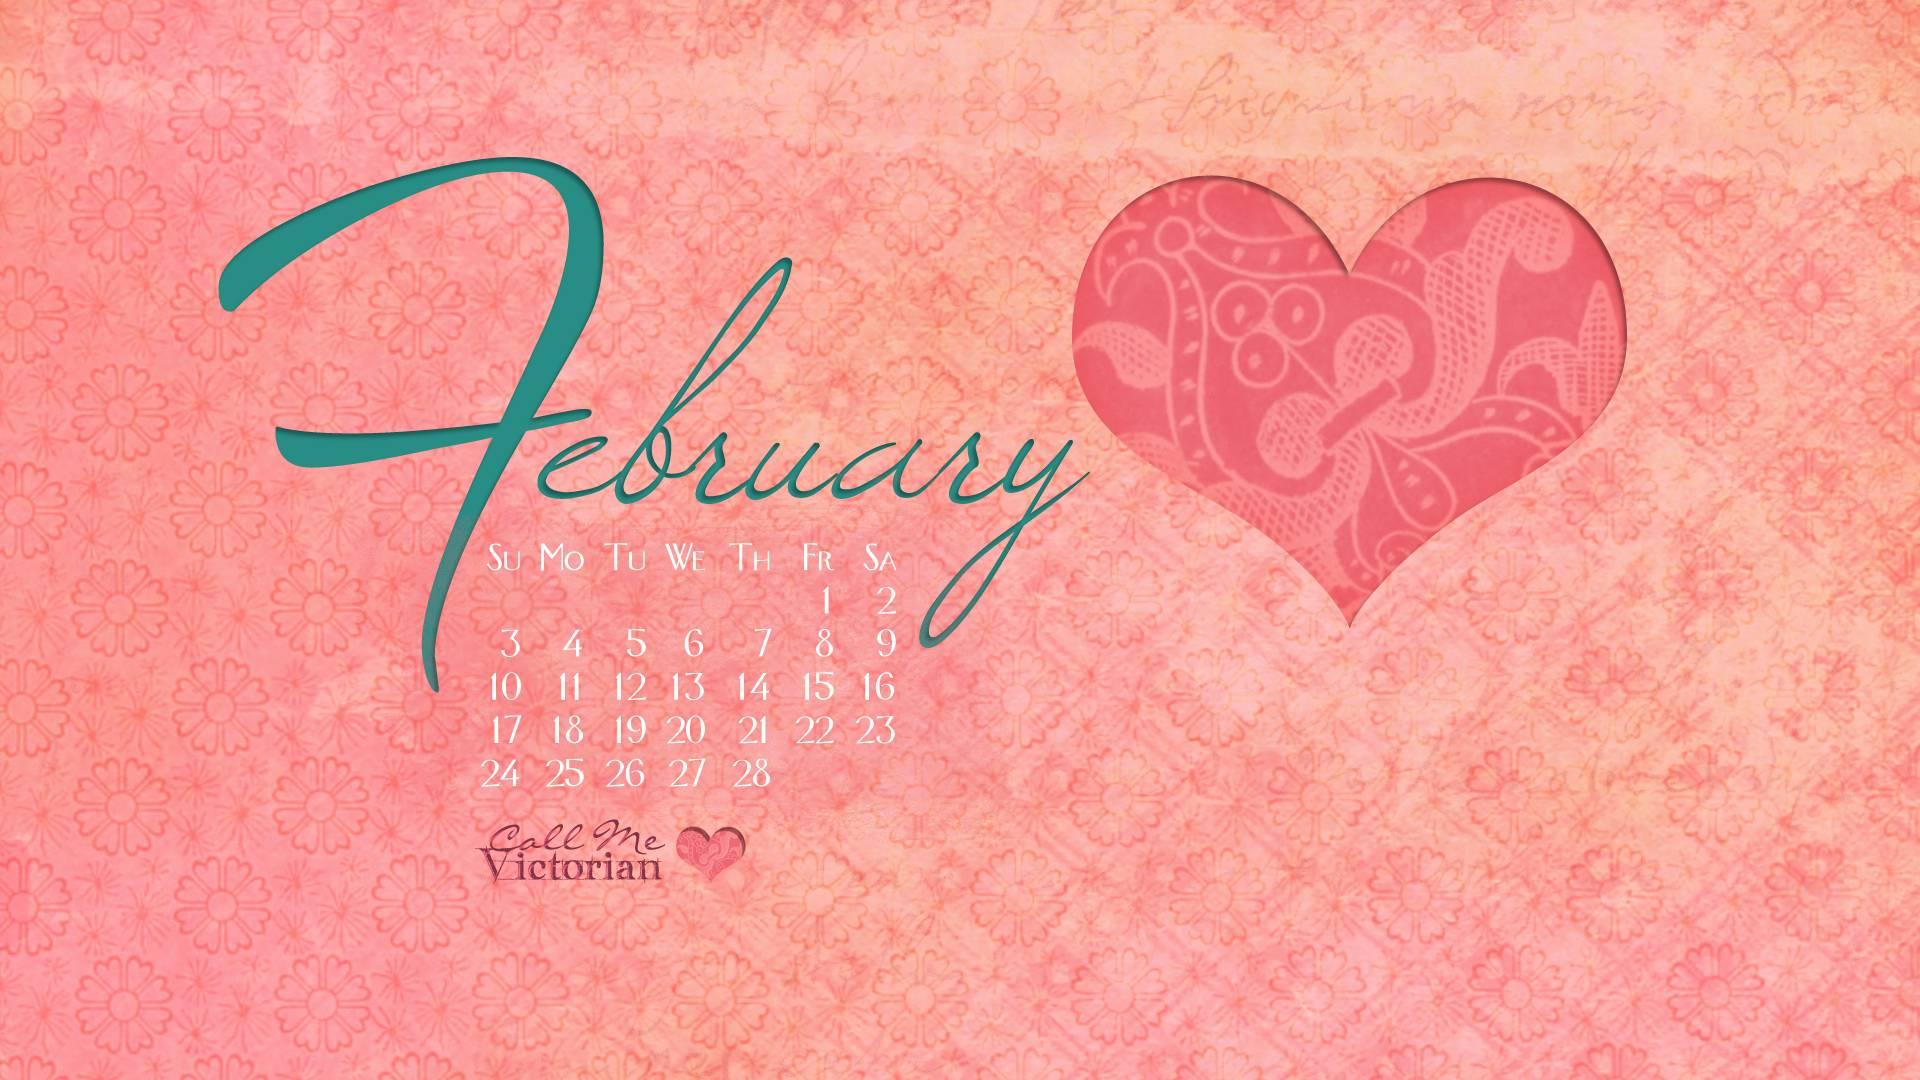 Desktop Wallpapers Calendar February 2017 1920x1080